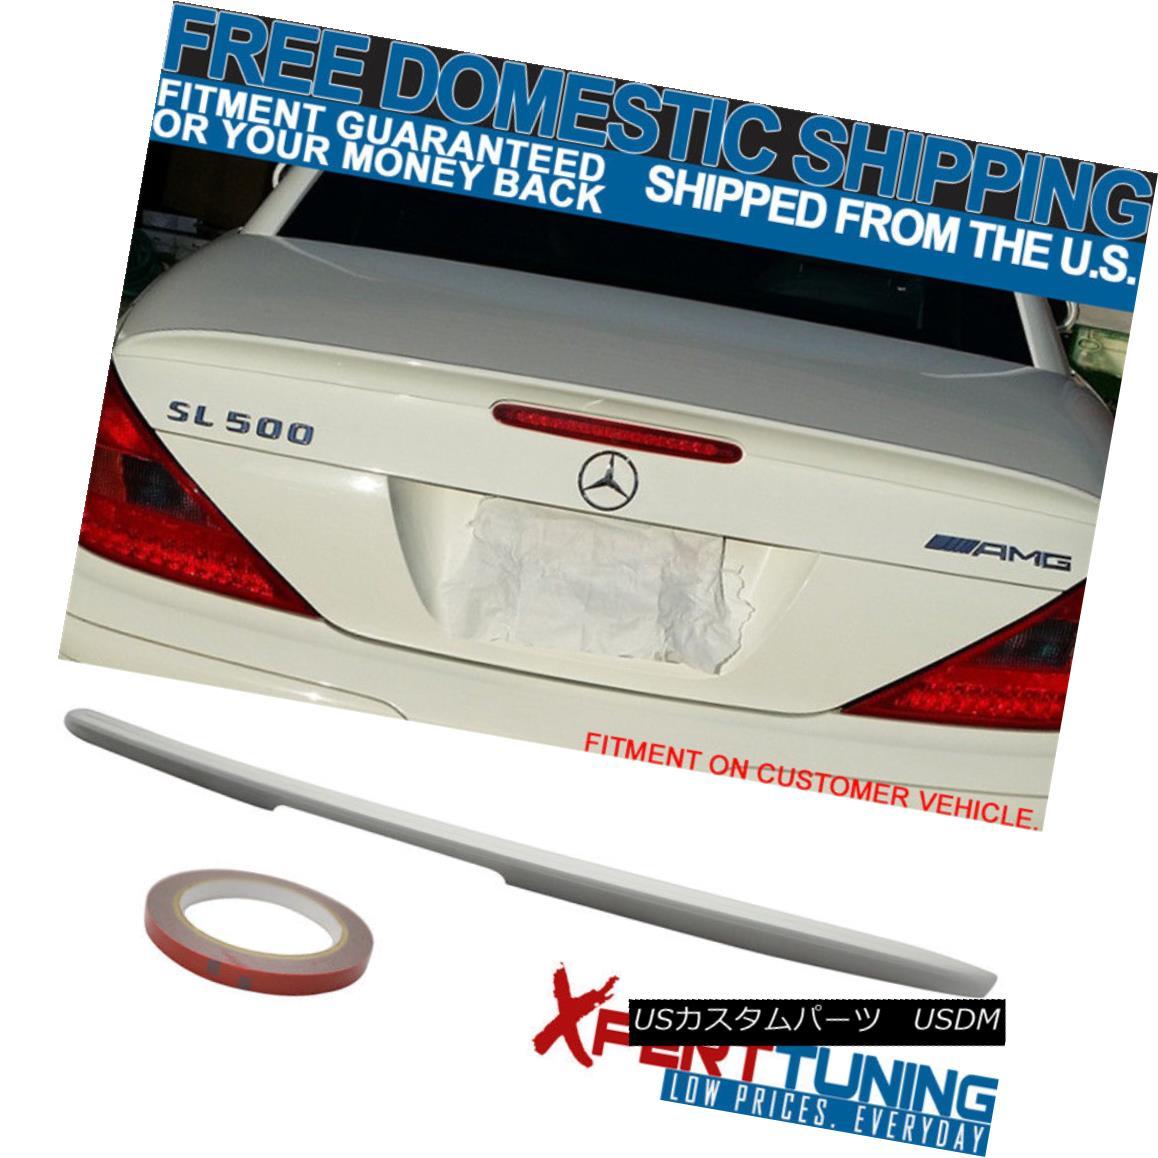 エアロパーツ FIT 03-11 Benz SL-Class R230 AMG ABS Trunk Spoiler Painted Alabaster White #960 FIT 03-11ベンツSLクラスR230 AMG ABSトランクスポイラー塗装アラバスターホワイト#960